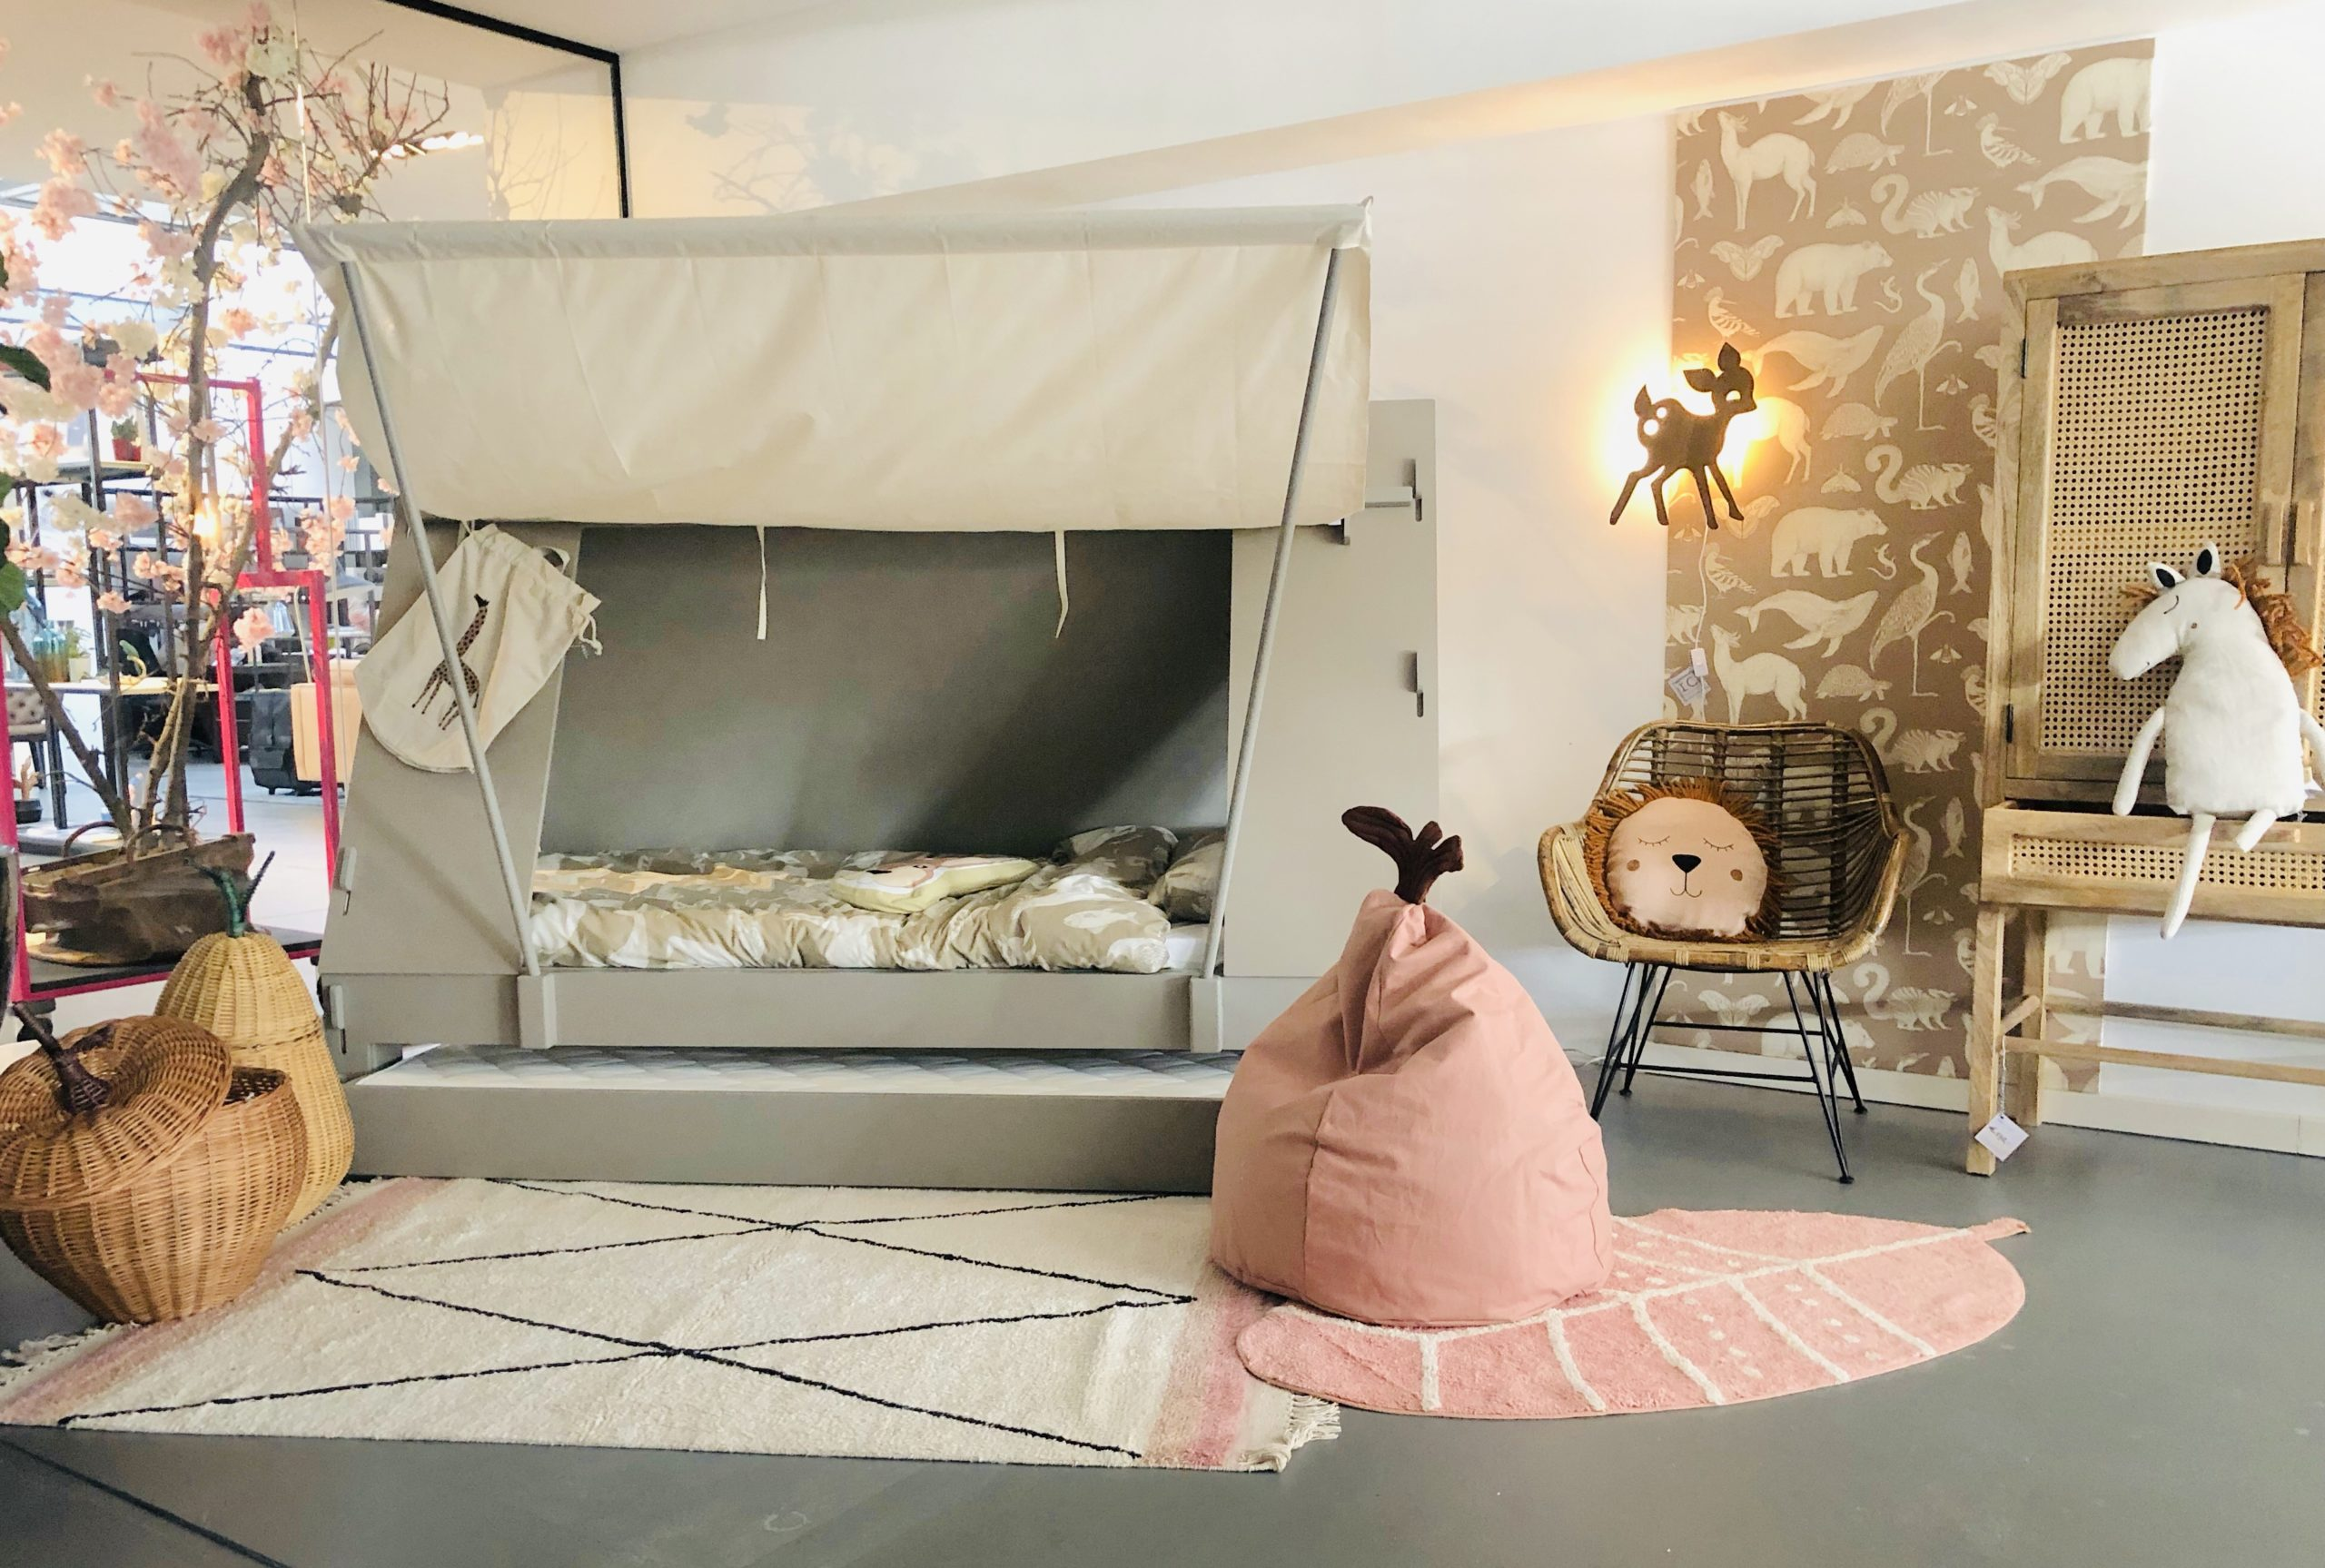 Kids Architects tentbed kinderkamer accessoires interieur babykamer Haarlem mugjes